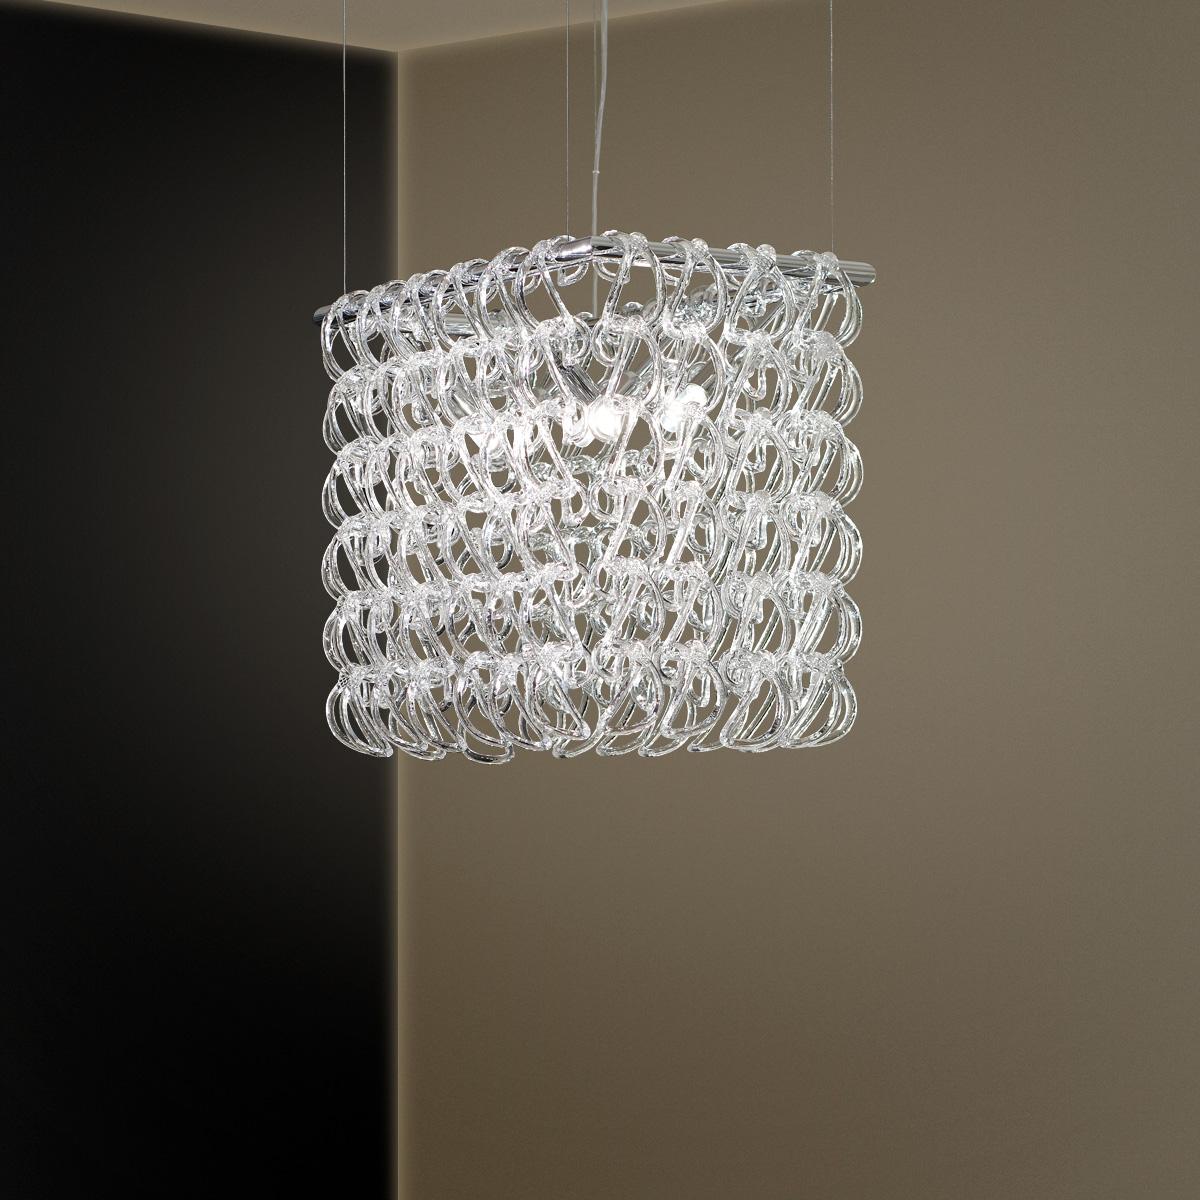 Πολύφωτο με κρύσταλλα ΓΑΝΤΖΟΙ chandelier with Murano crystals